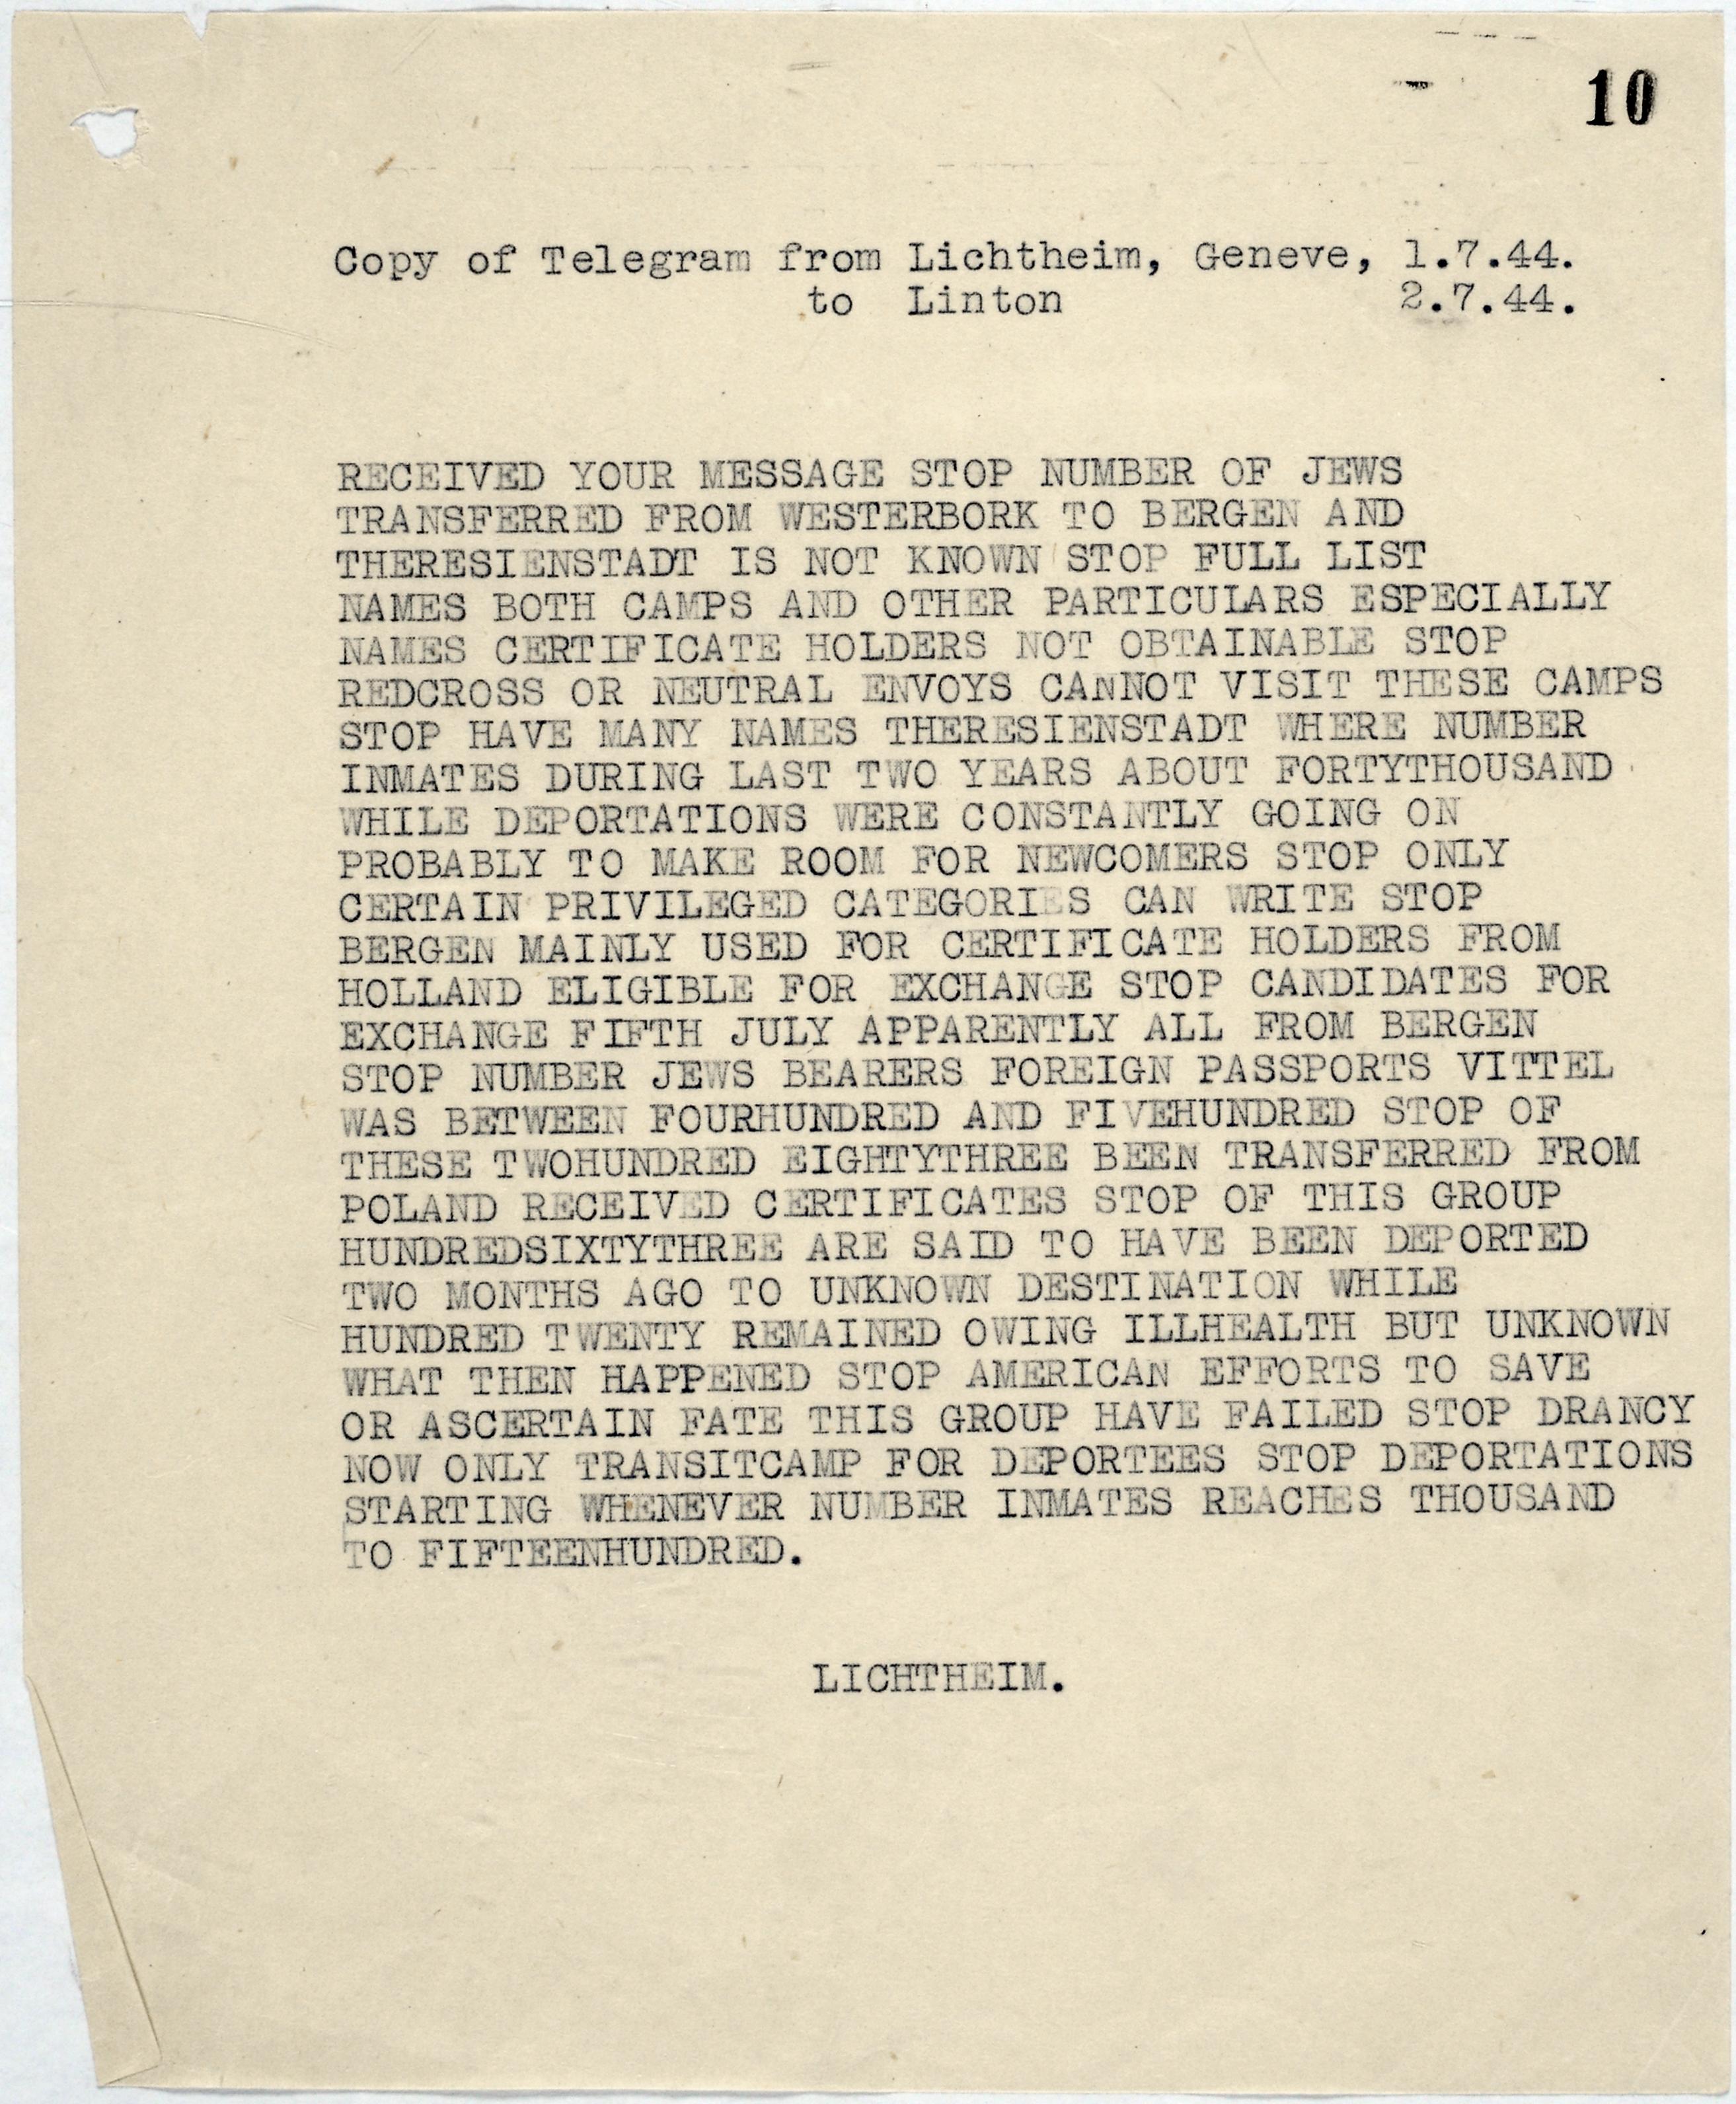 The Lichteim telegram